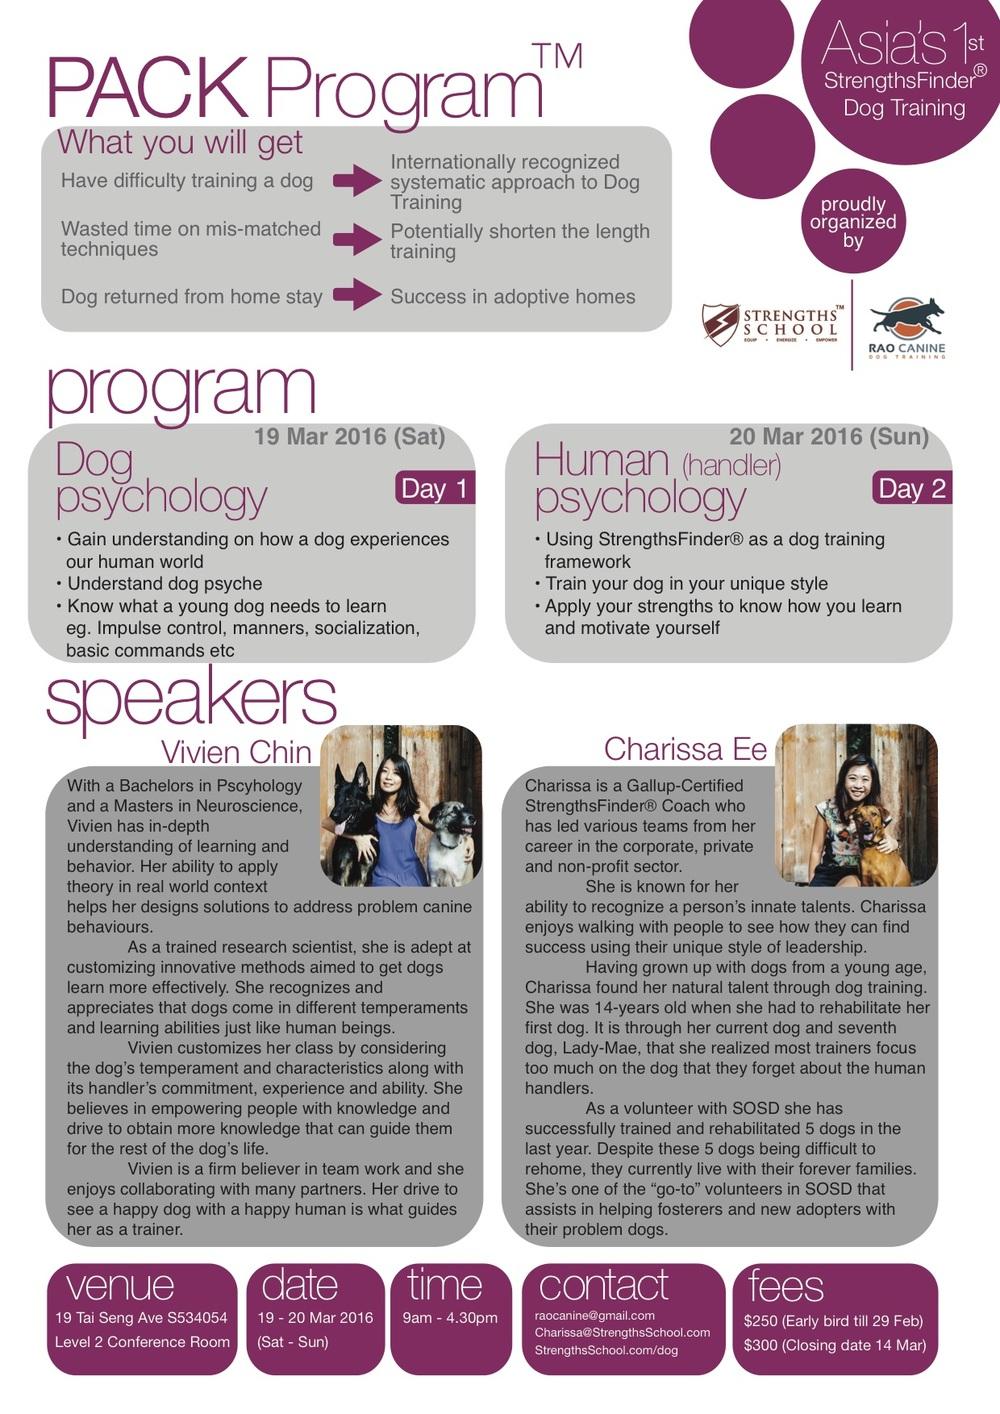 Pack Program? - StrengthsFinder Strengths School Charissa Ee Gallup